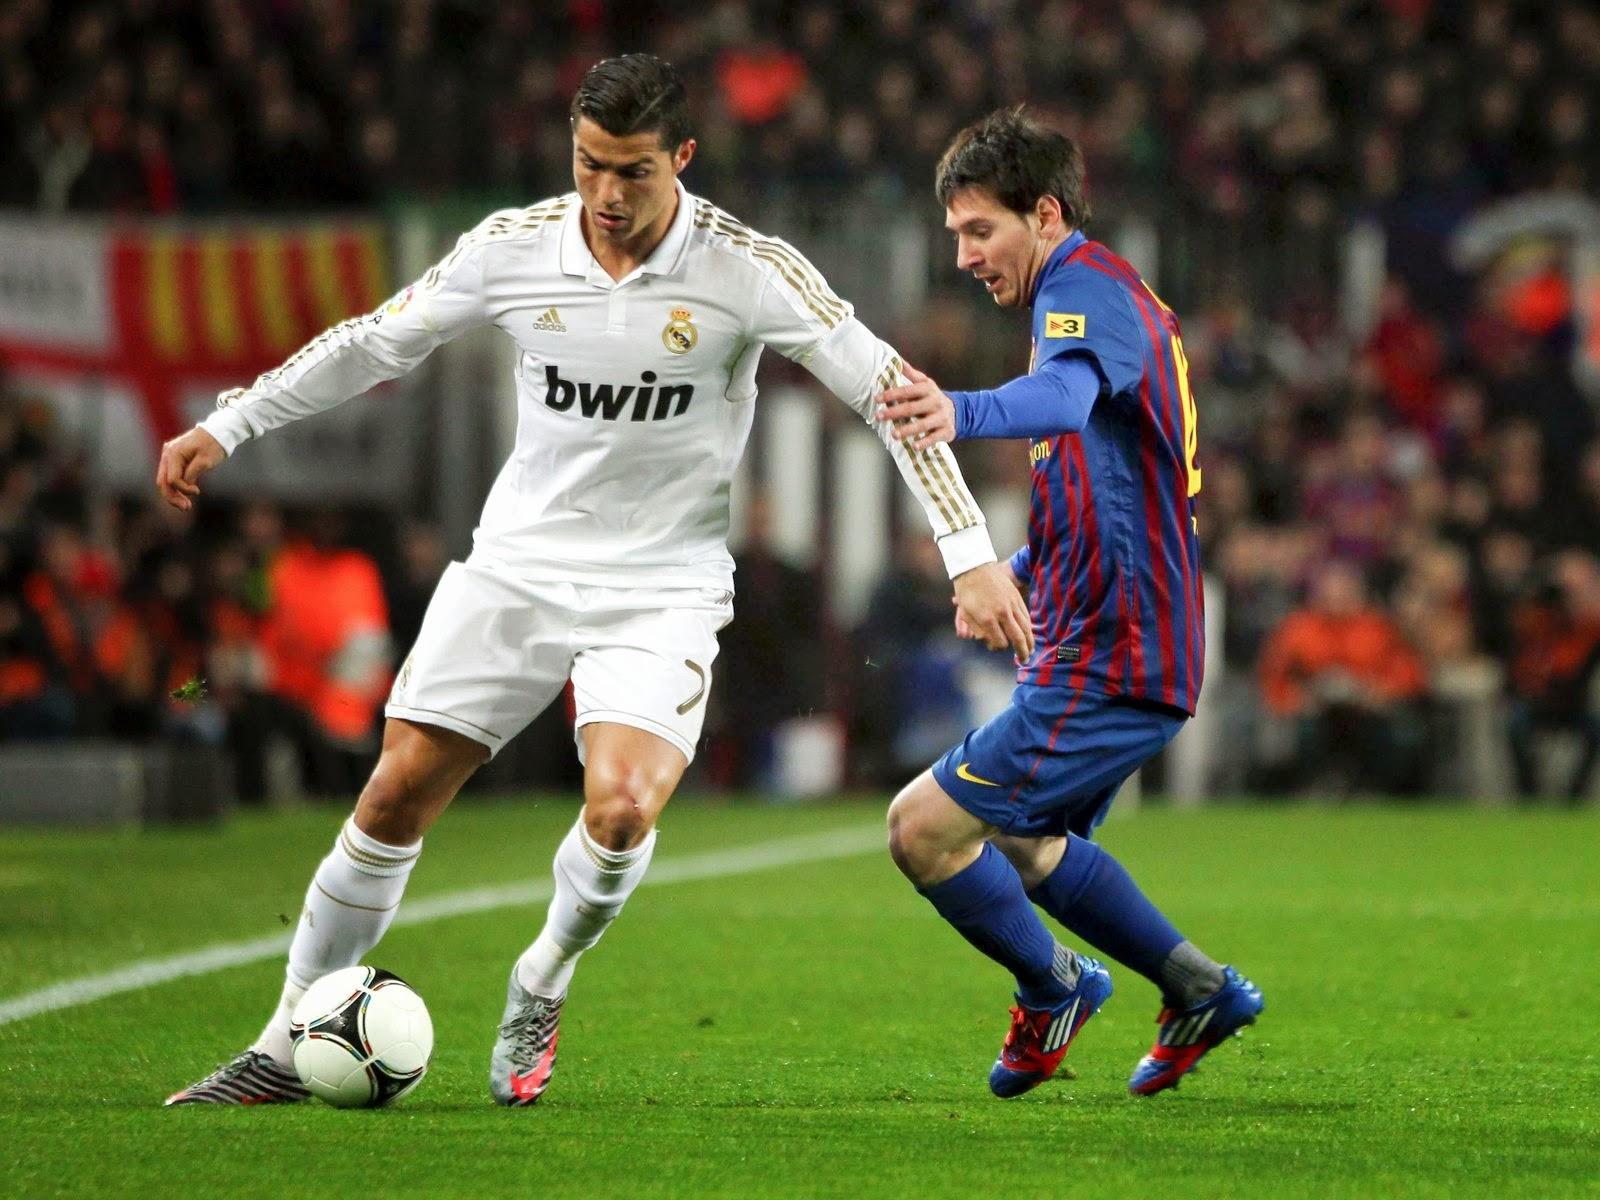 Messi Cristiano Ronaldo Lionel Real Madrid Barcelona quien es mejor balón de oro el mejor de todos los tiempos